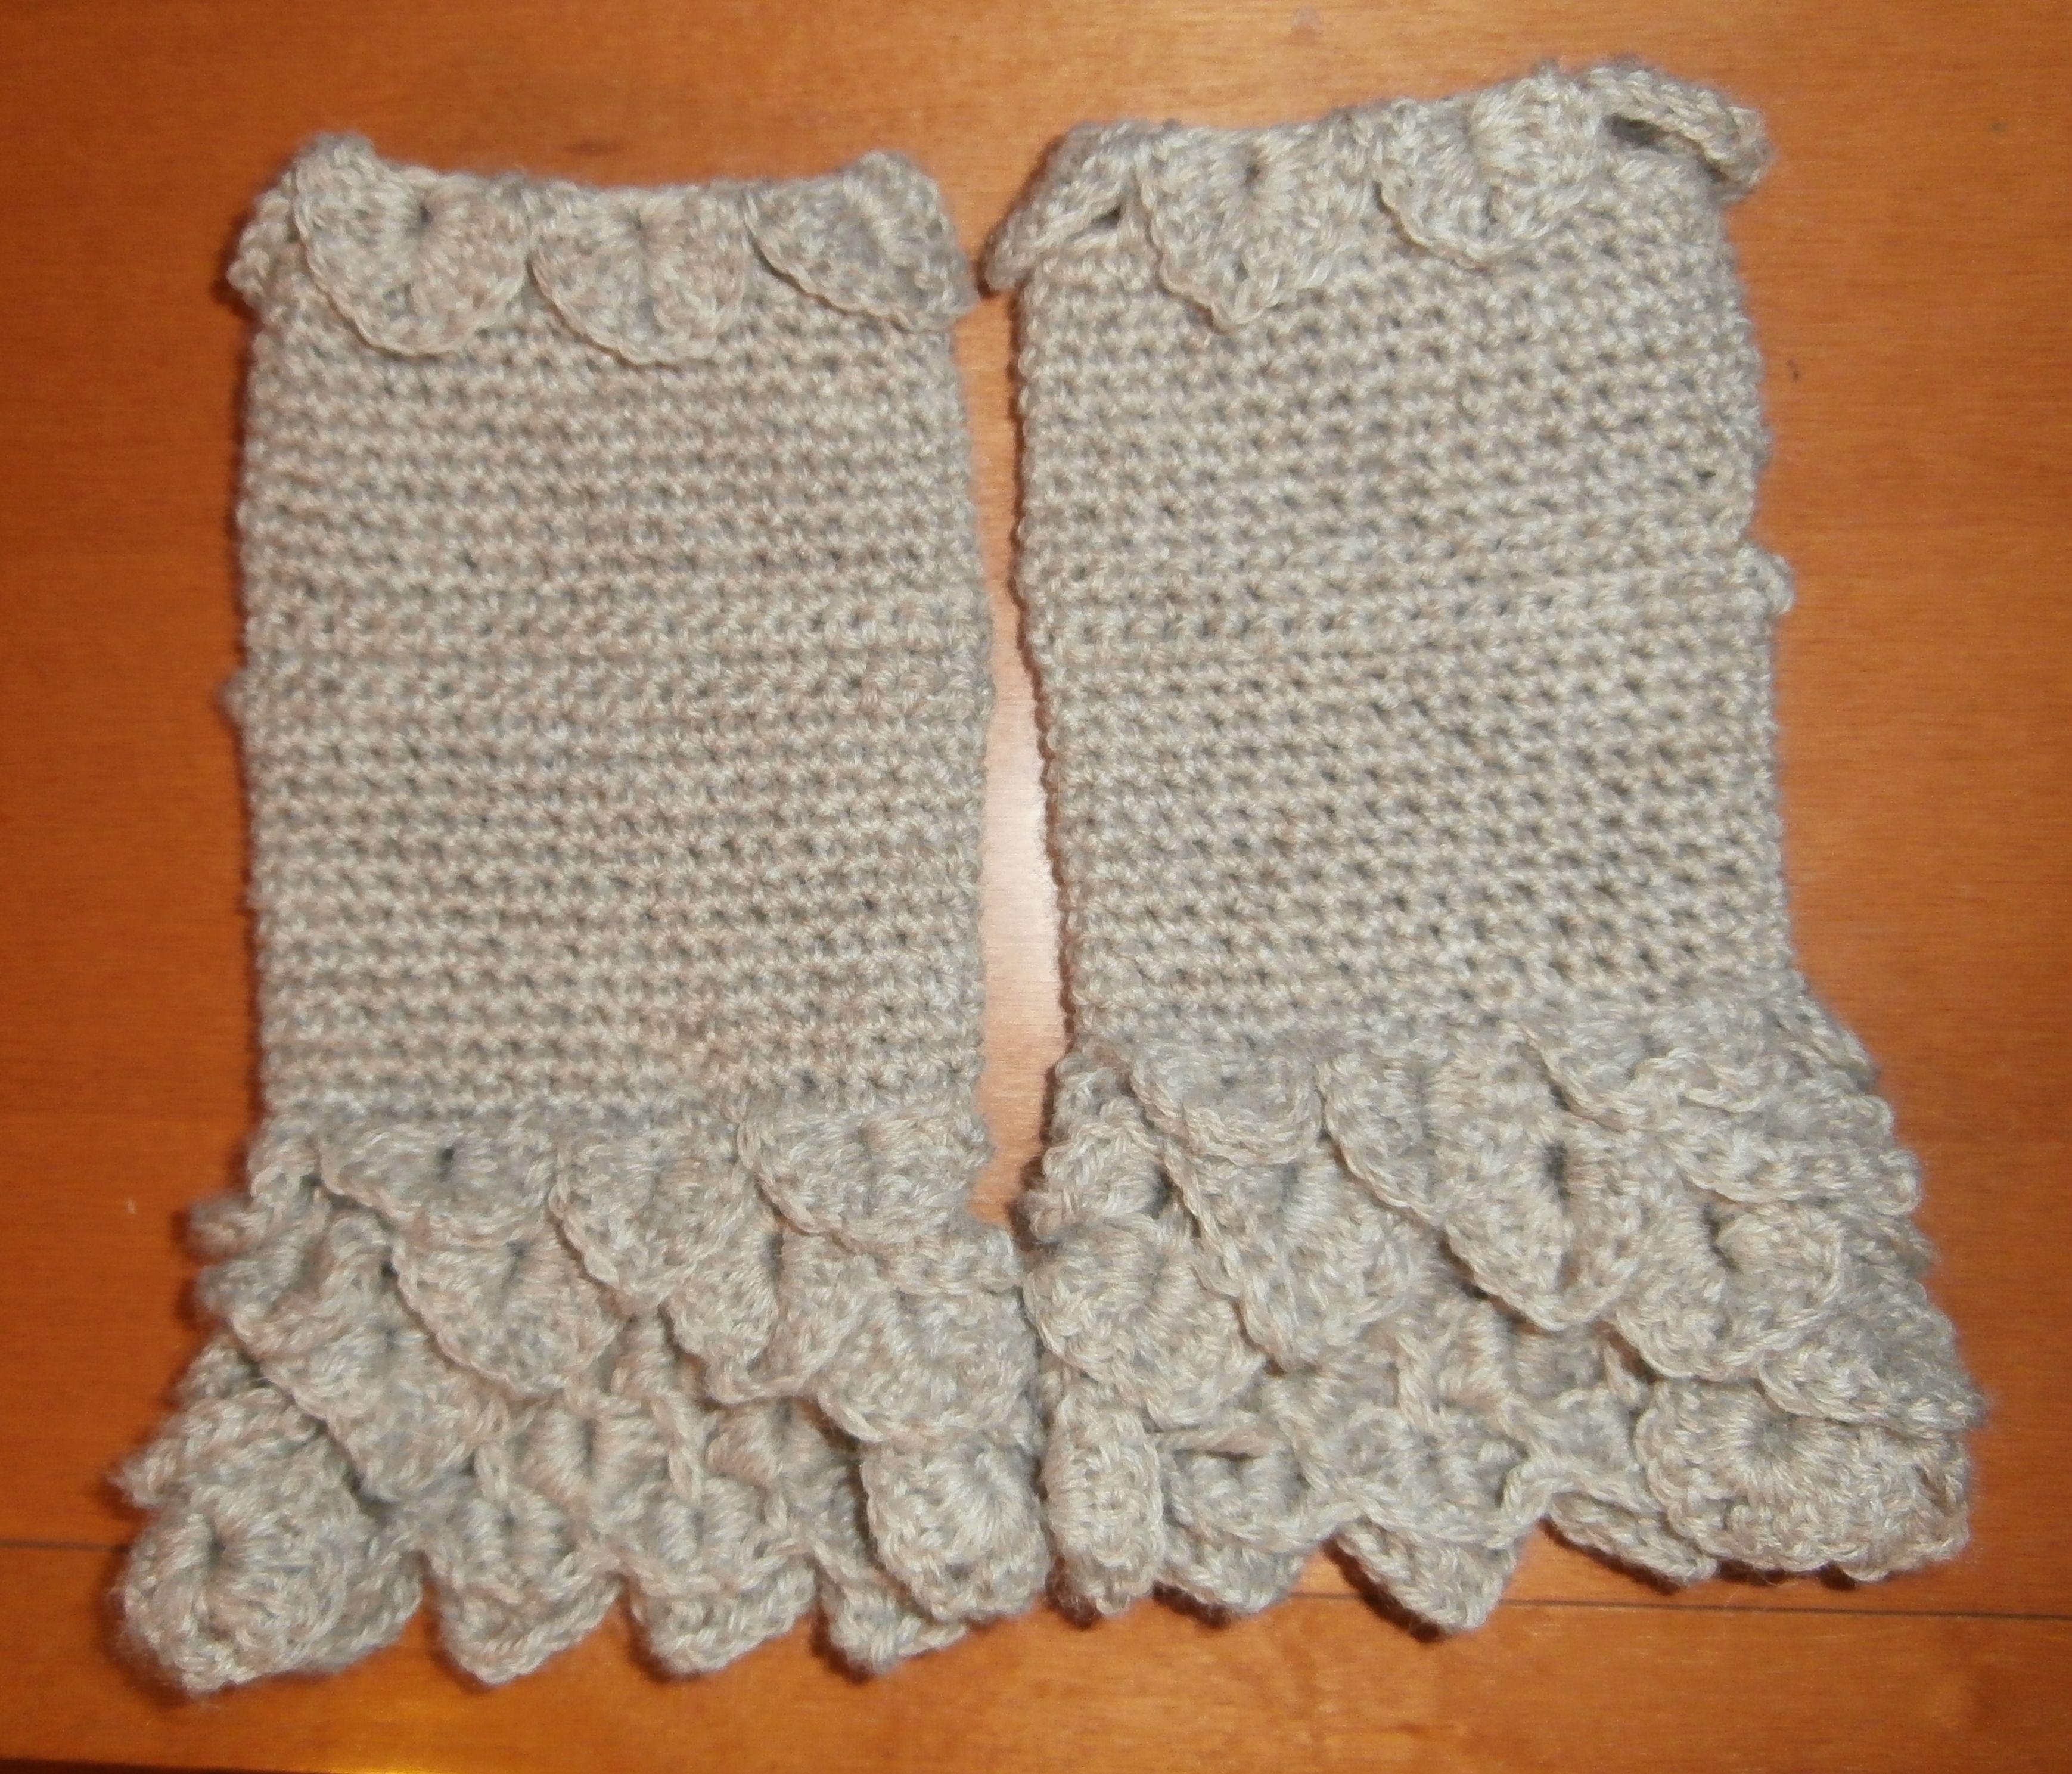 Guanti di lana lavorati ad uncinetto a punto Coccodrillo corti.